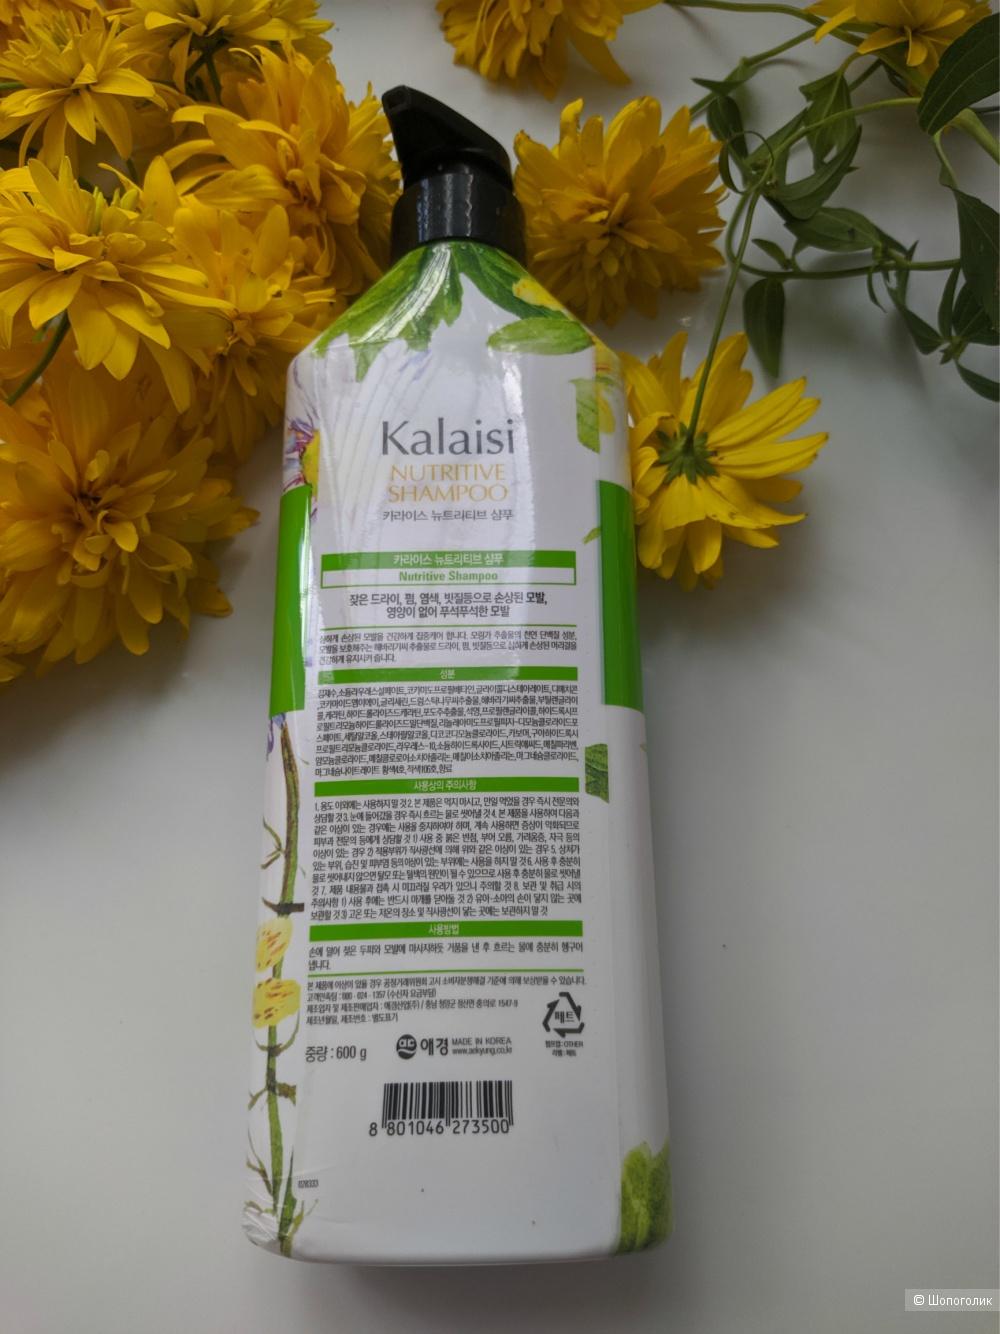 Kalaisi корейский питательный шампунь с кокосовым маслом, 600грамм